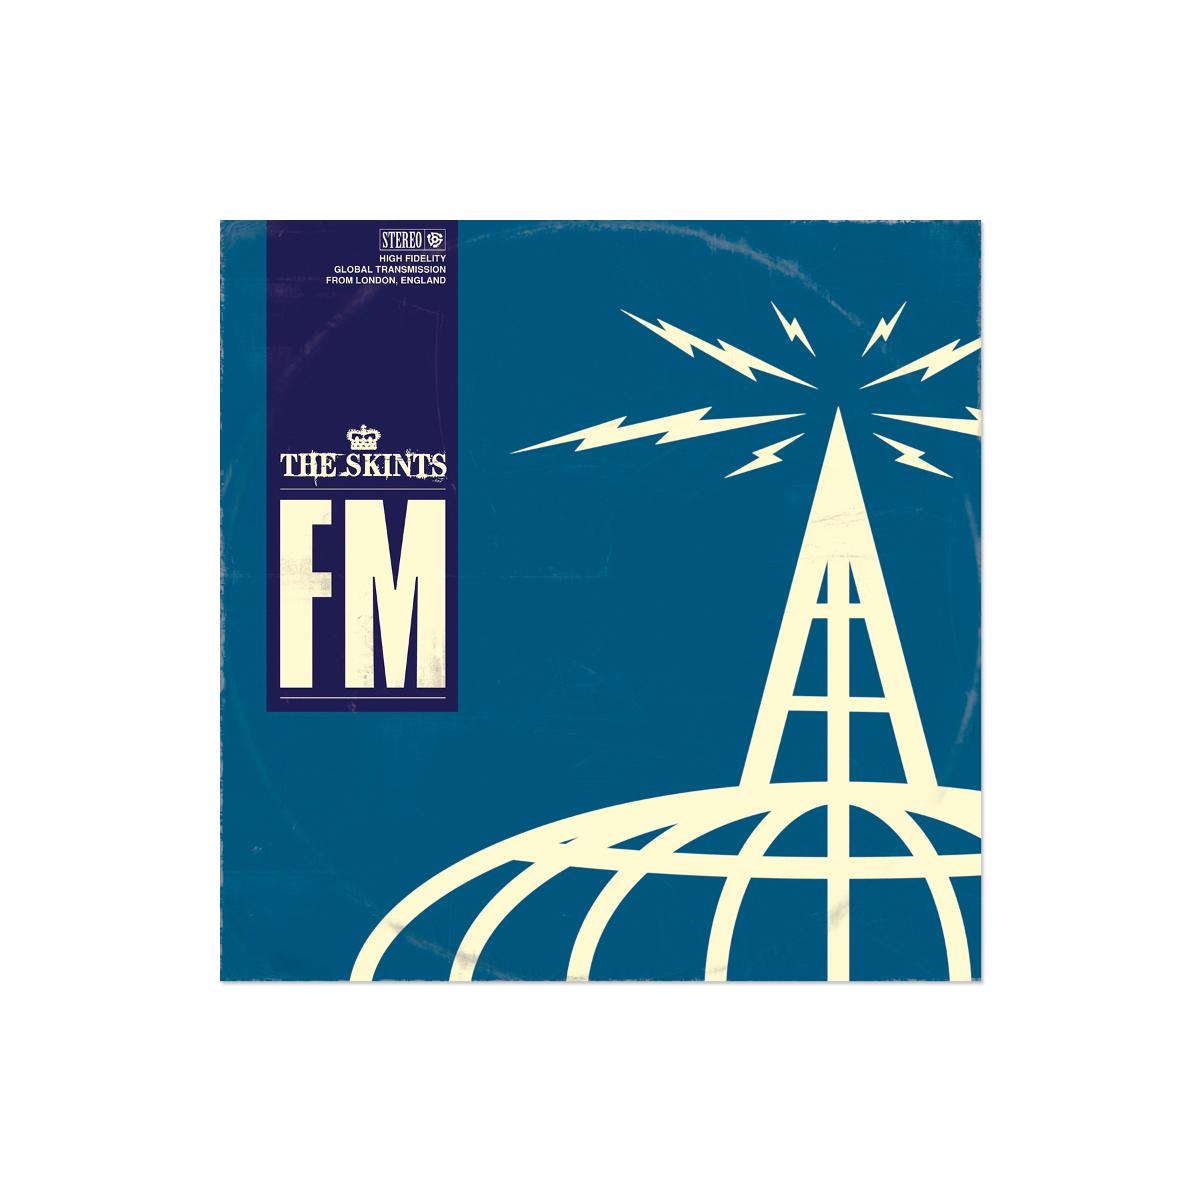 The Skints - FM Digital Download